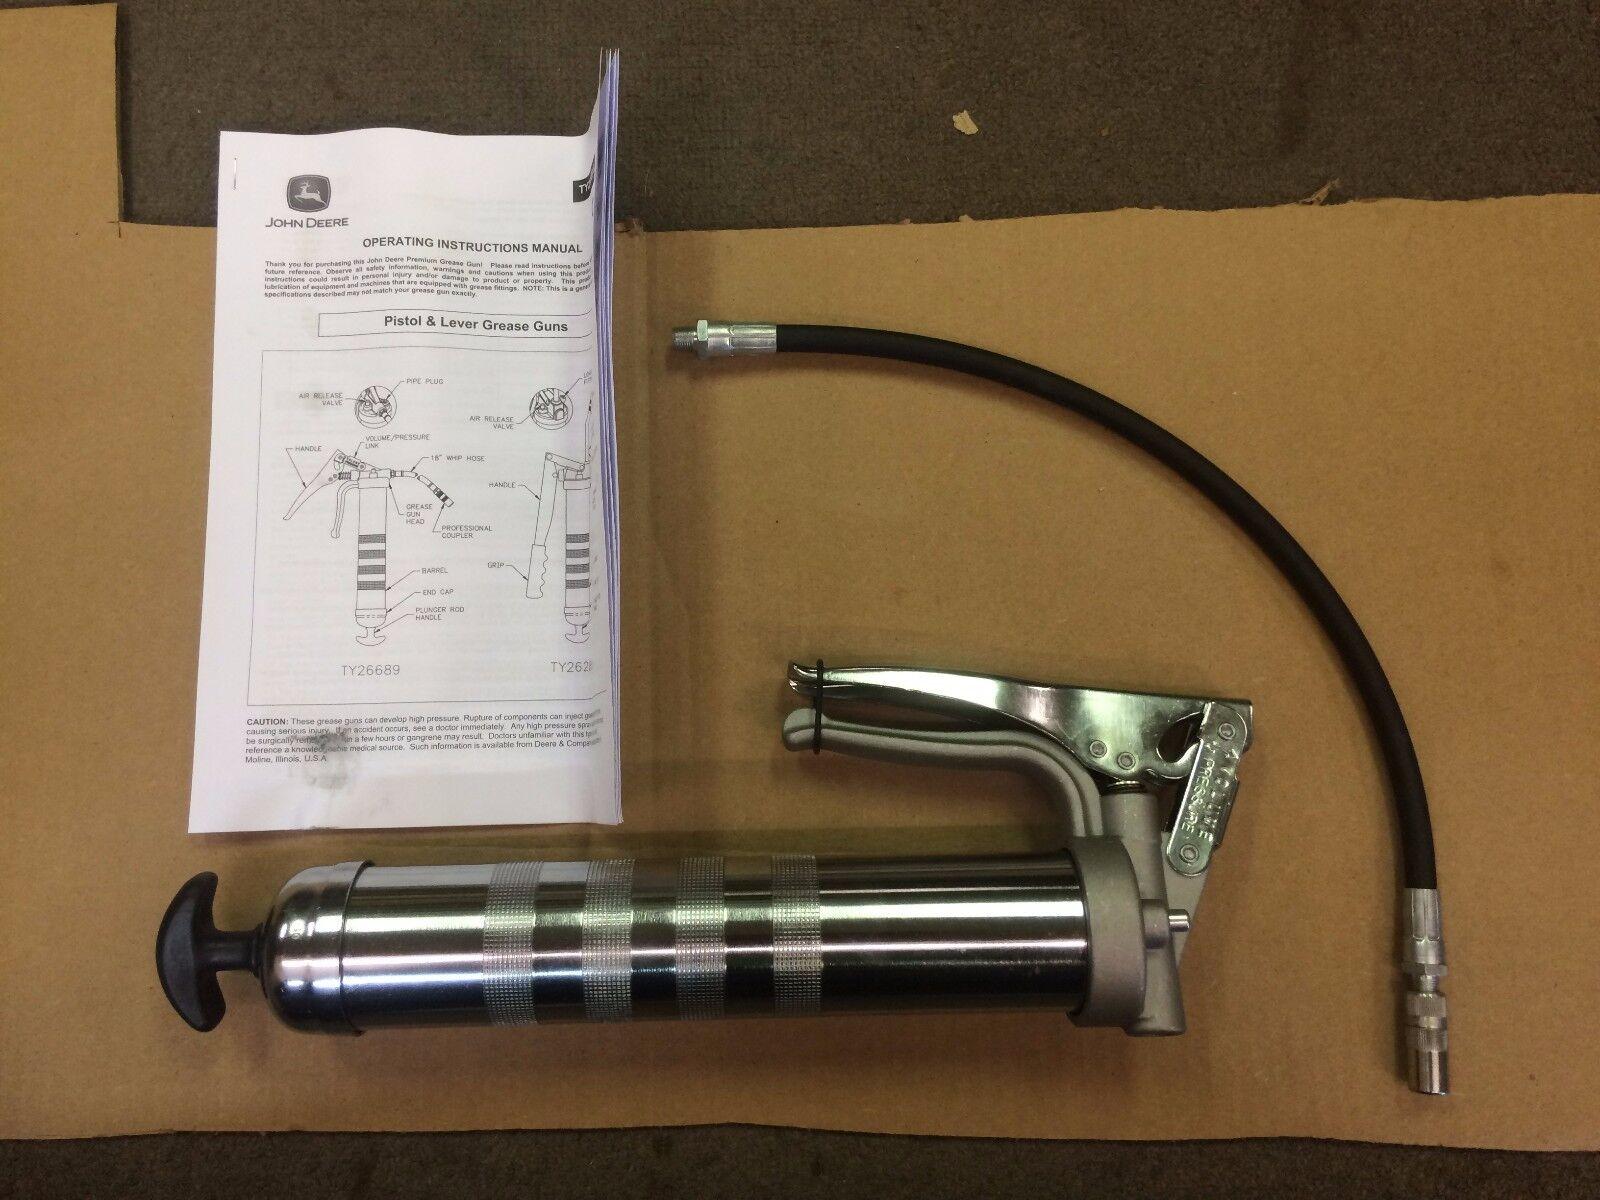 Nueva Pistola Engrasadora JOHN DEERE resistente de alta presión TY26689 empuñadura de pistola